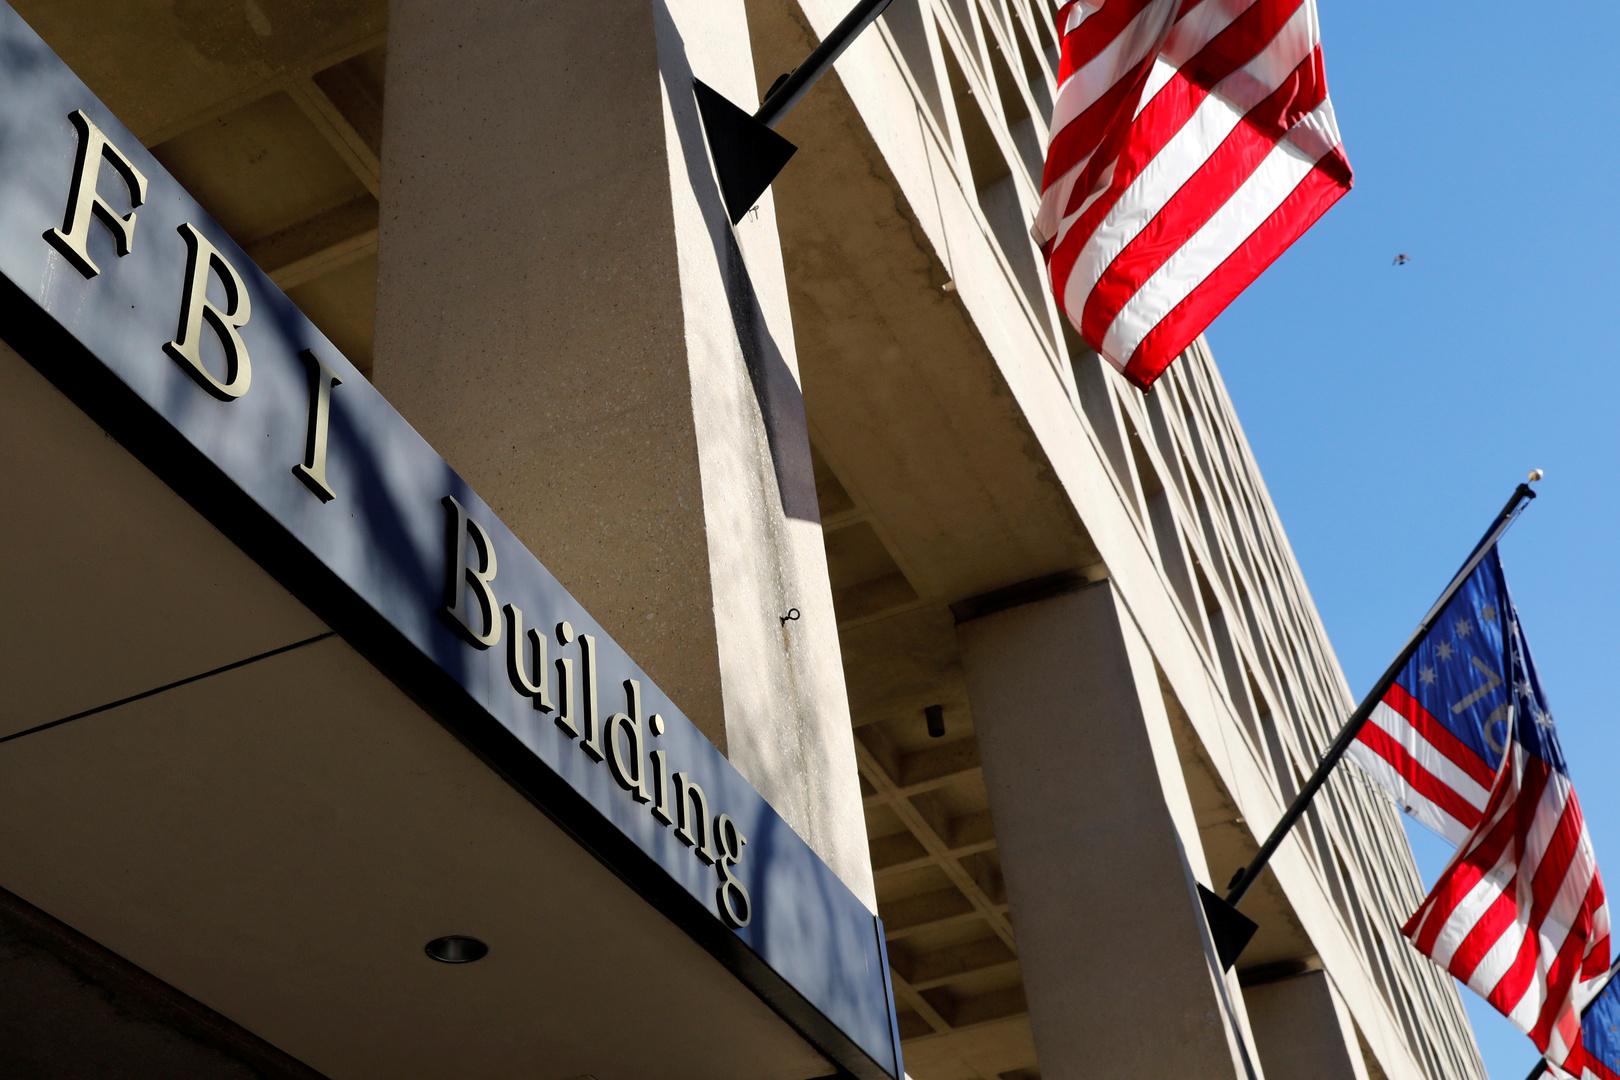 مكتب التحقيقات الفدرالية الأمريكي، واشنطن